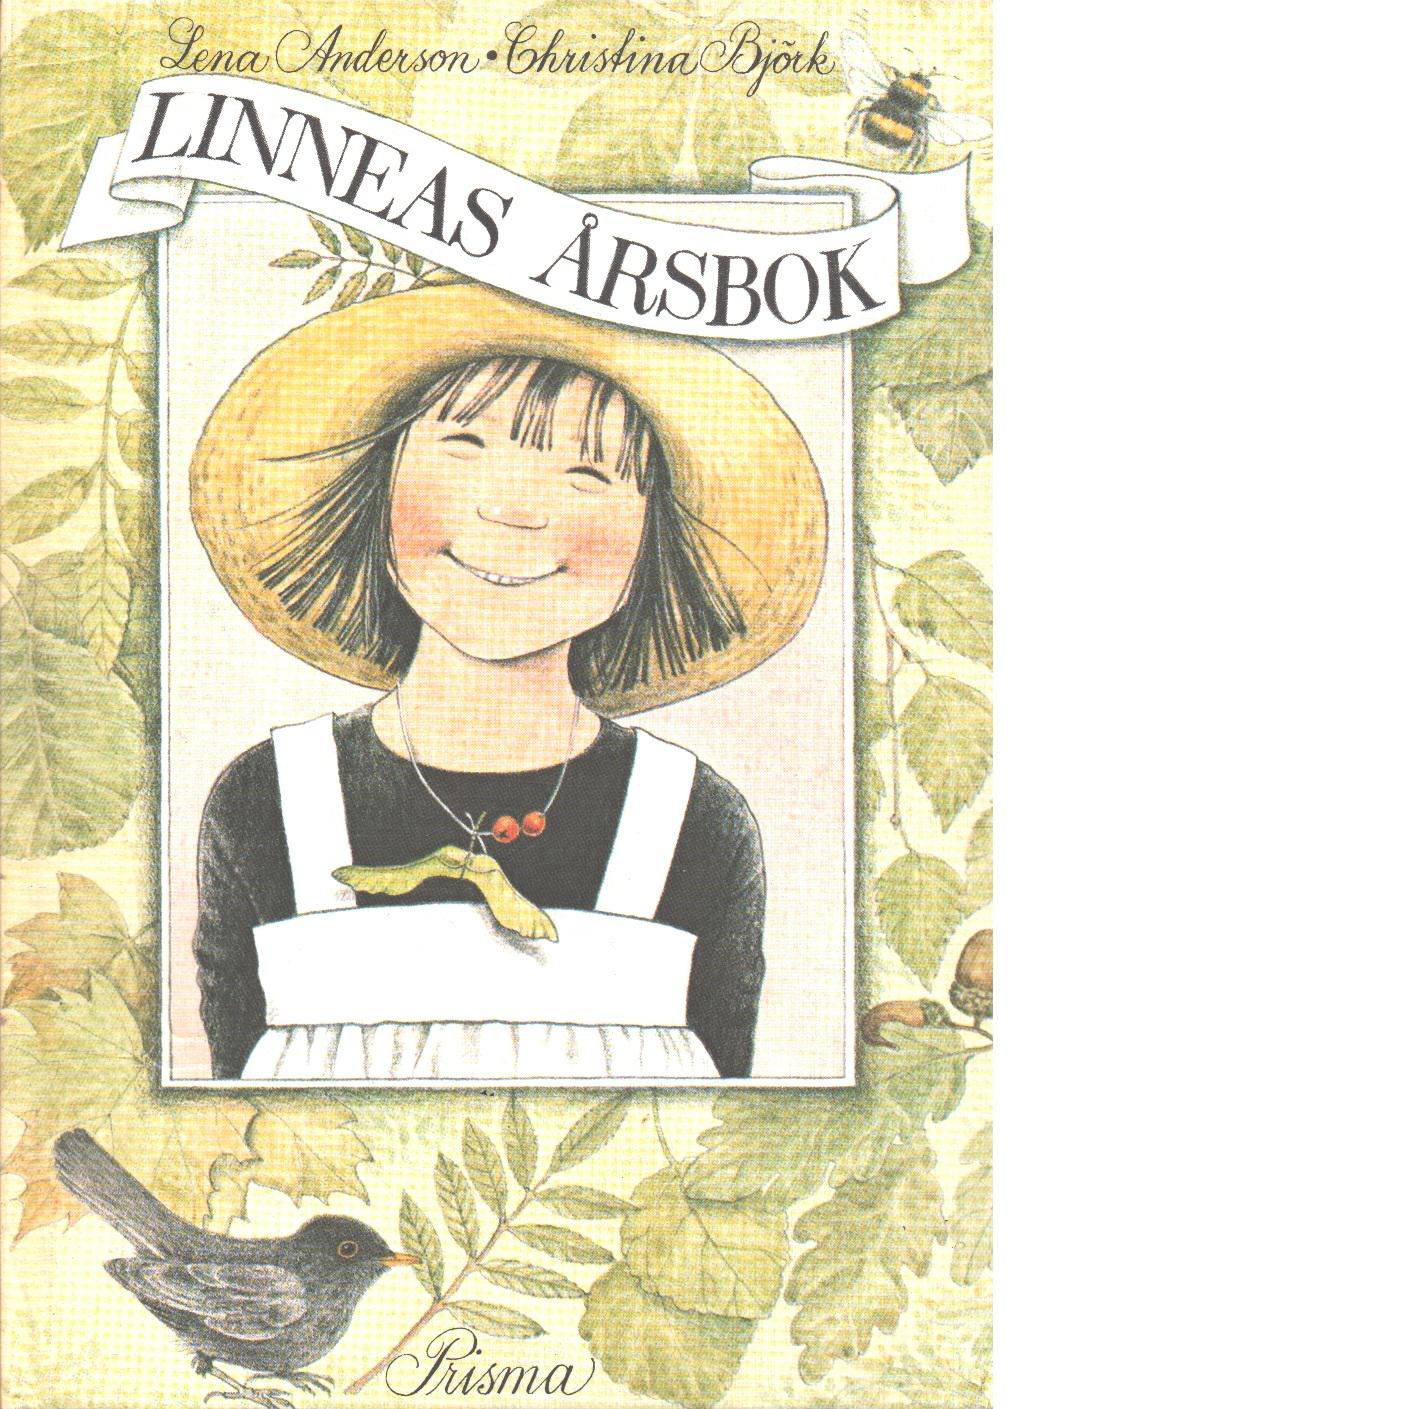 Linneas årsbok - Anderson, Lena och Björk, Christina